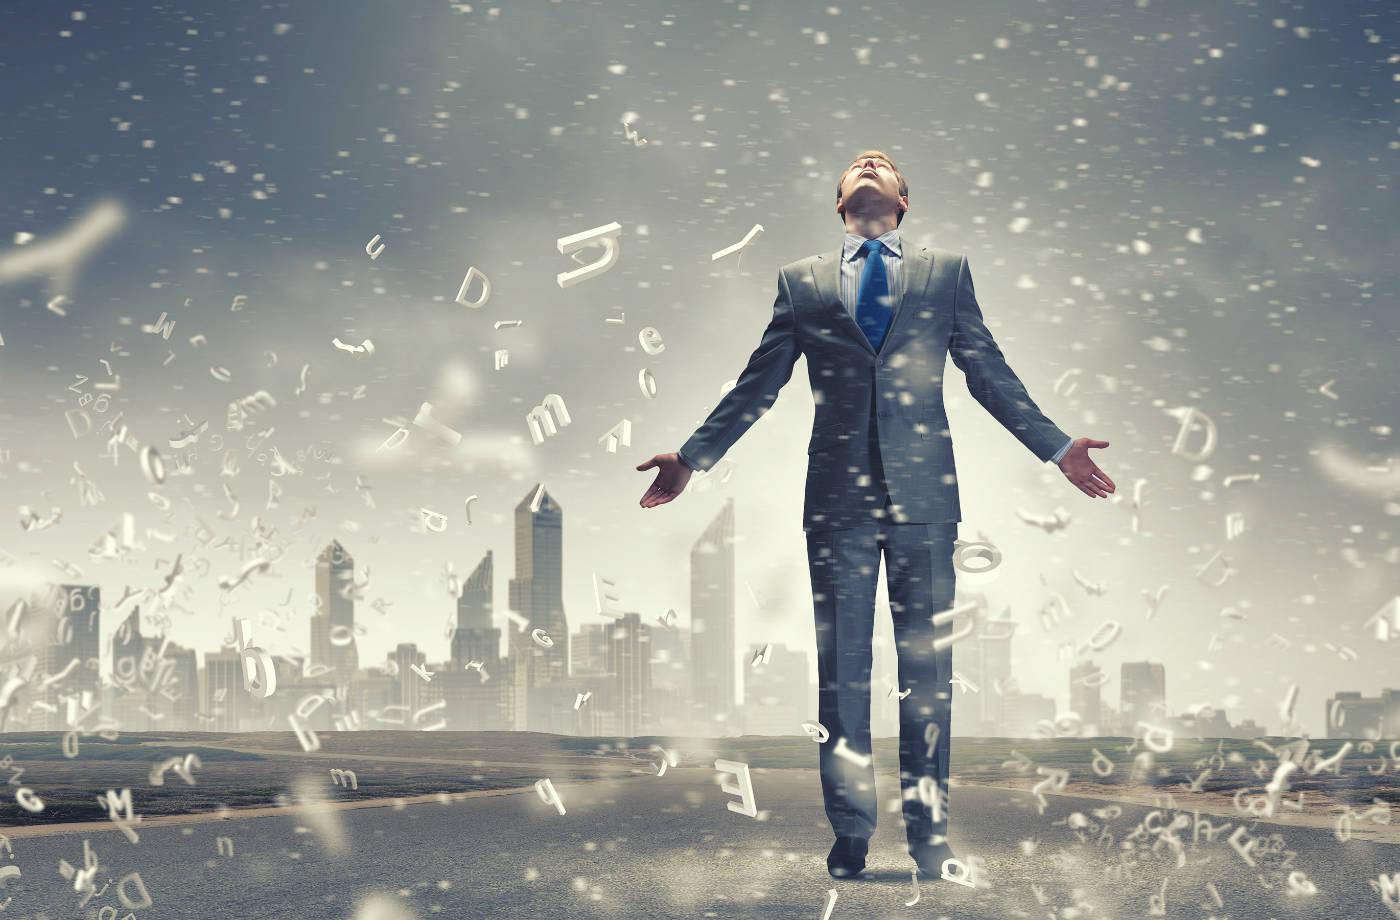 Os 3 sabotadores emocionais de riqueza que você deve dominar